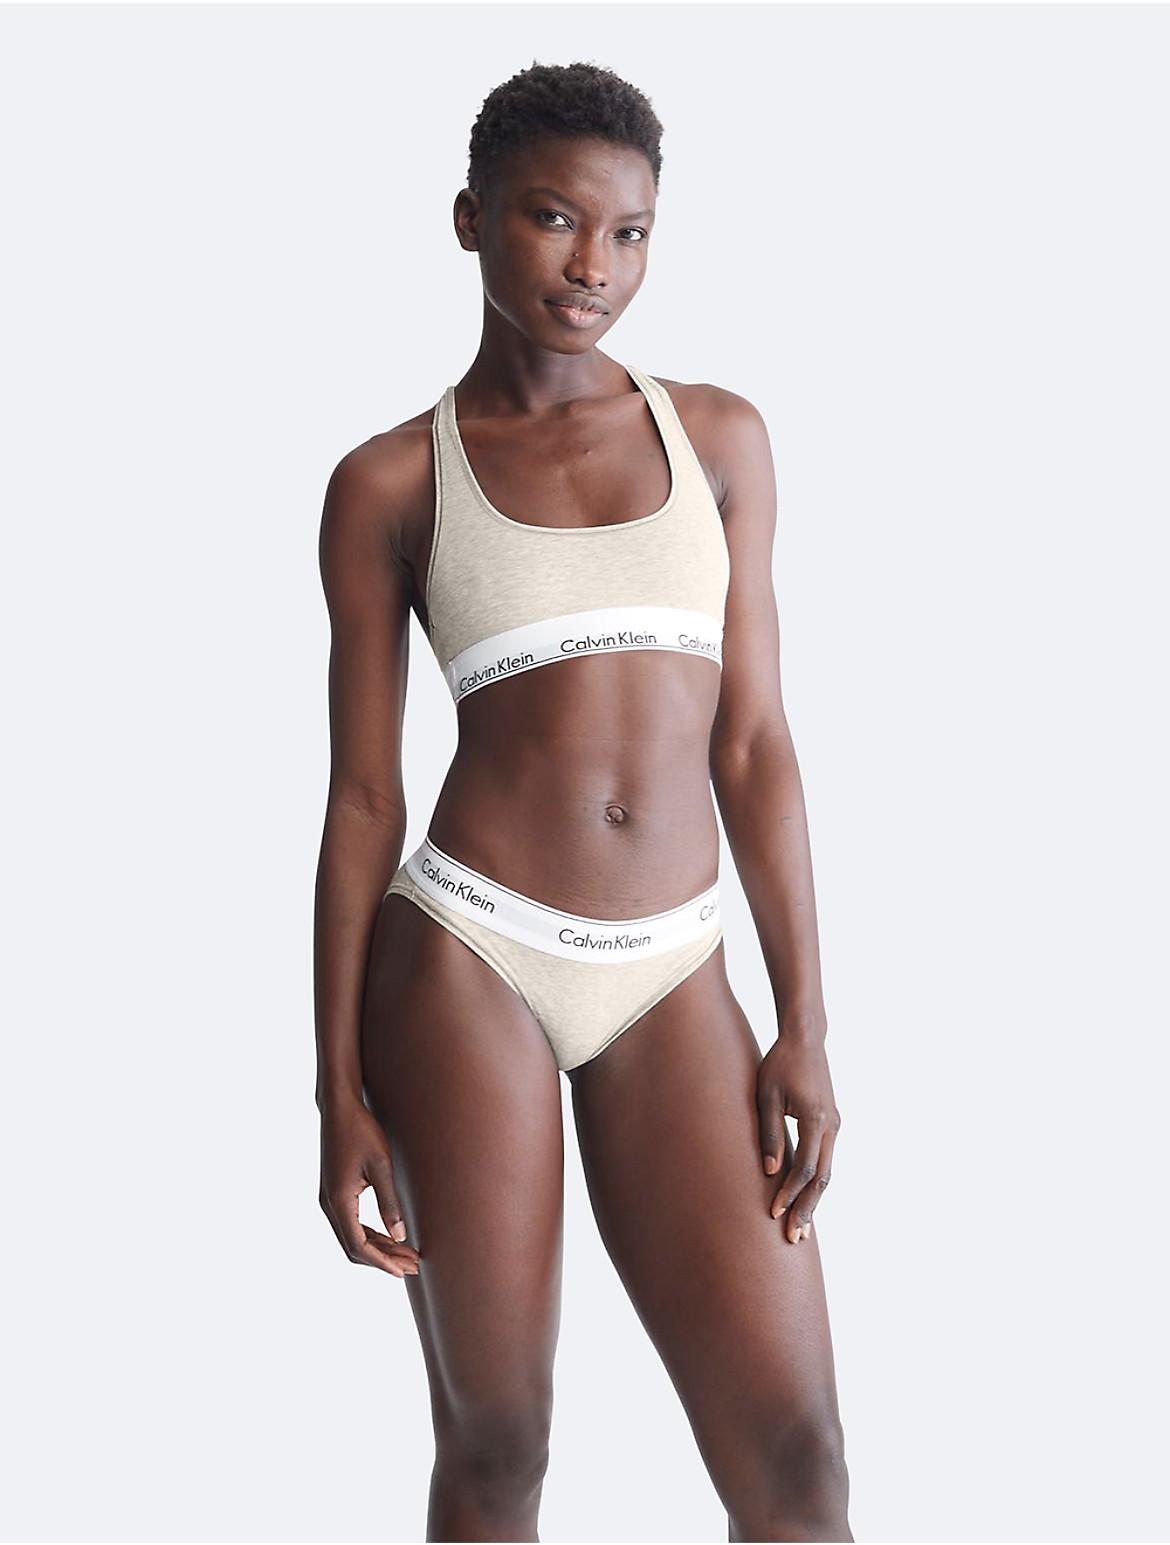 Men s Underwear   Women s Intimates ac8964439